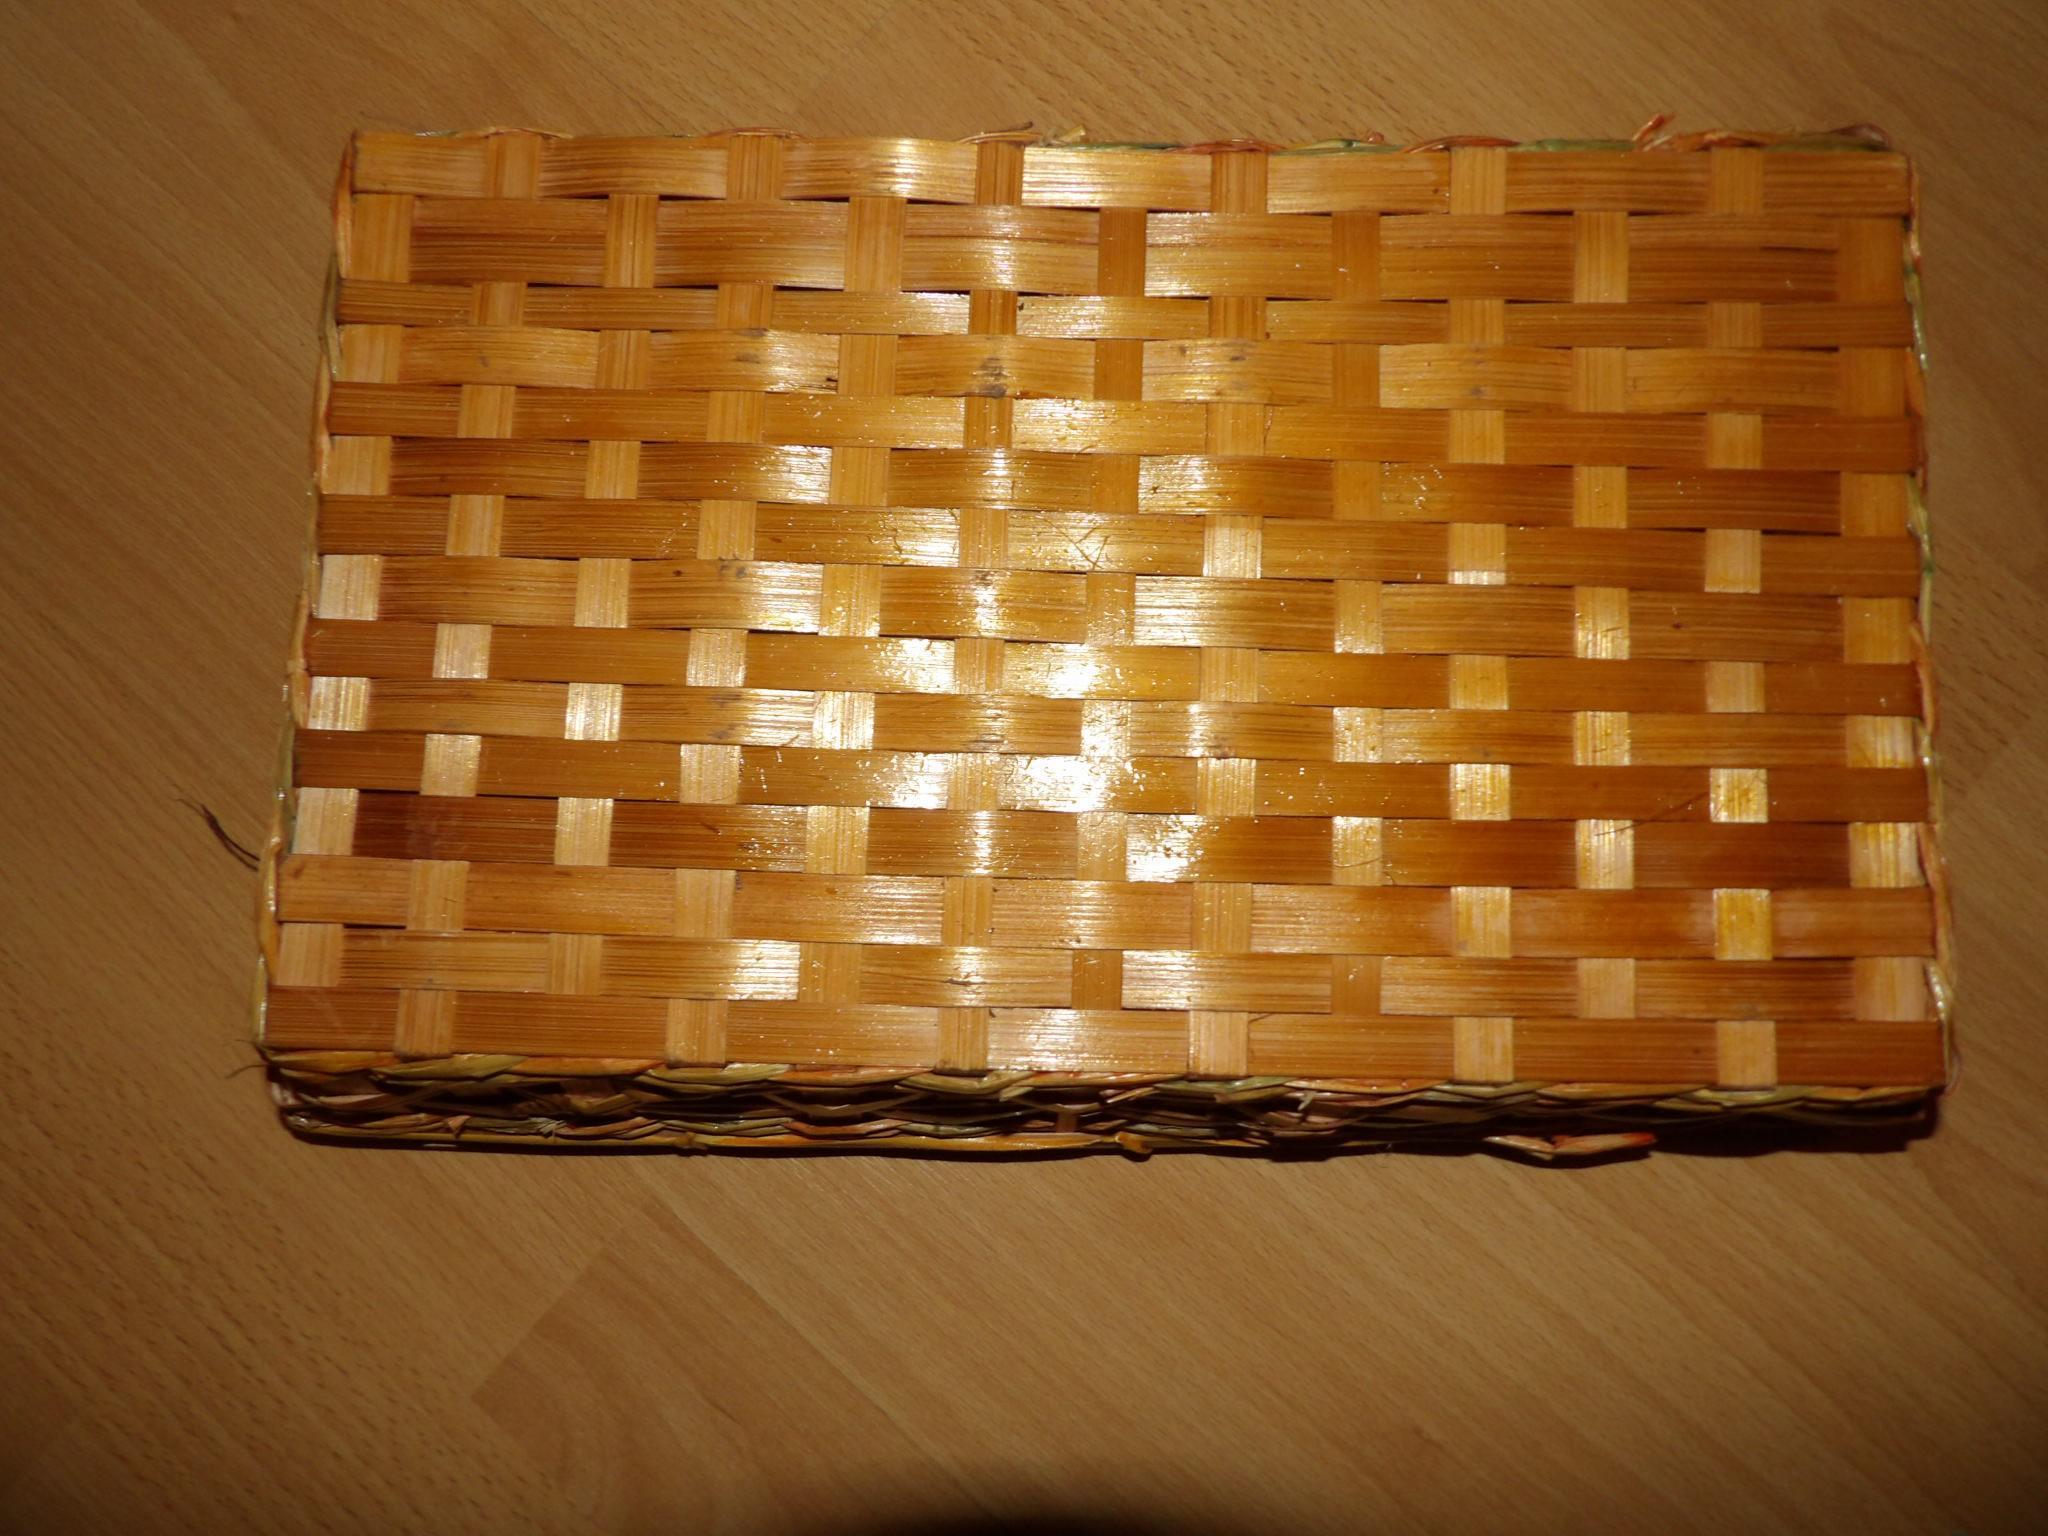 troc de troc corbeille osier rectangle 35 cm environ image 1